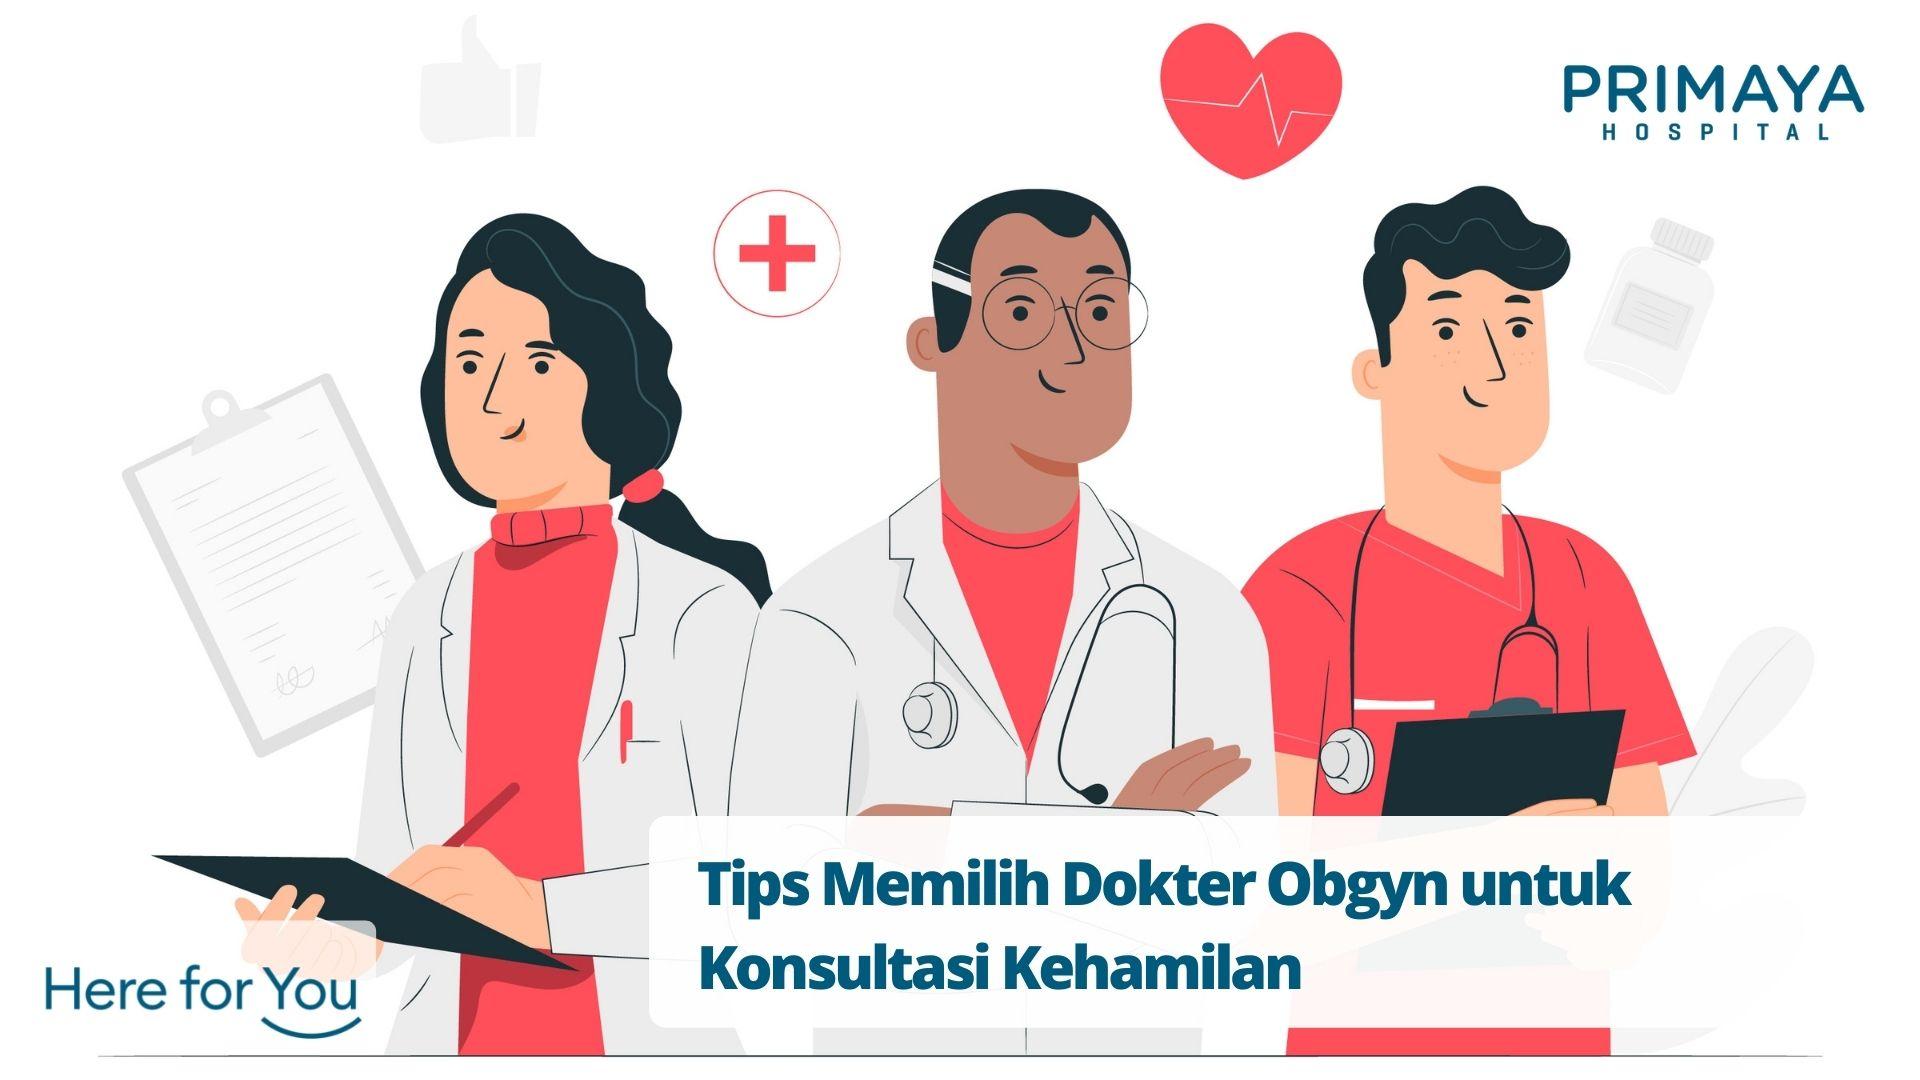 Tips Memilih Dokter Obgyn untuk Konsultasi Kehamilan